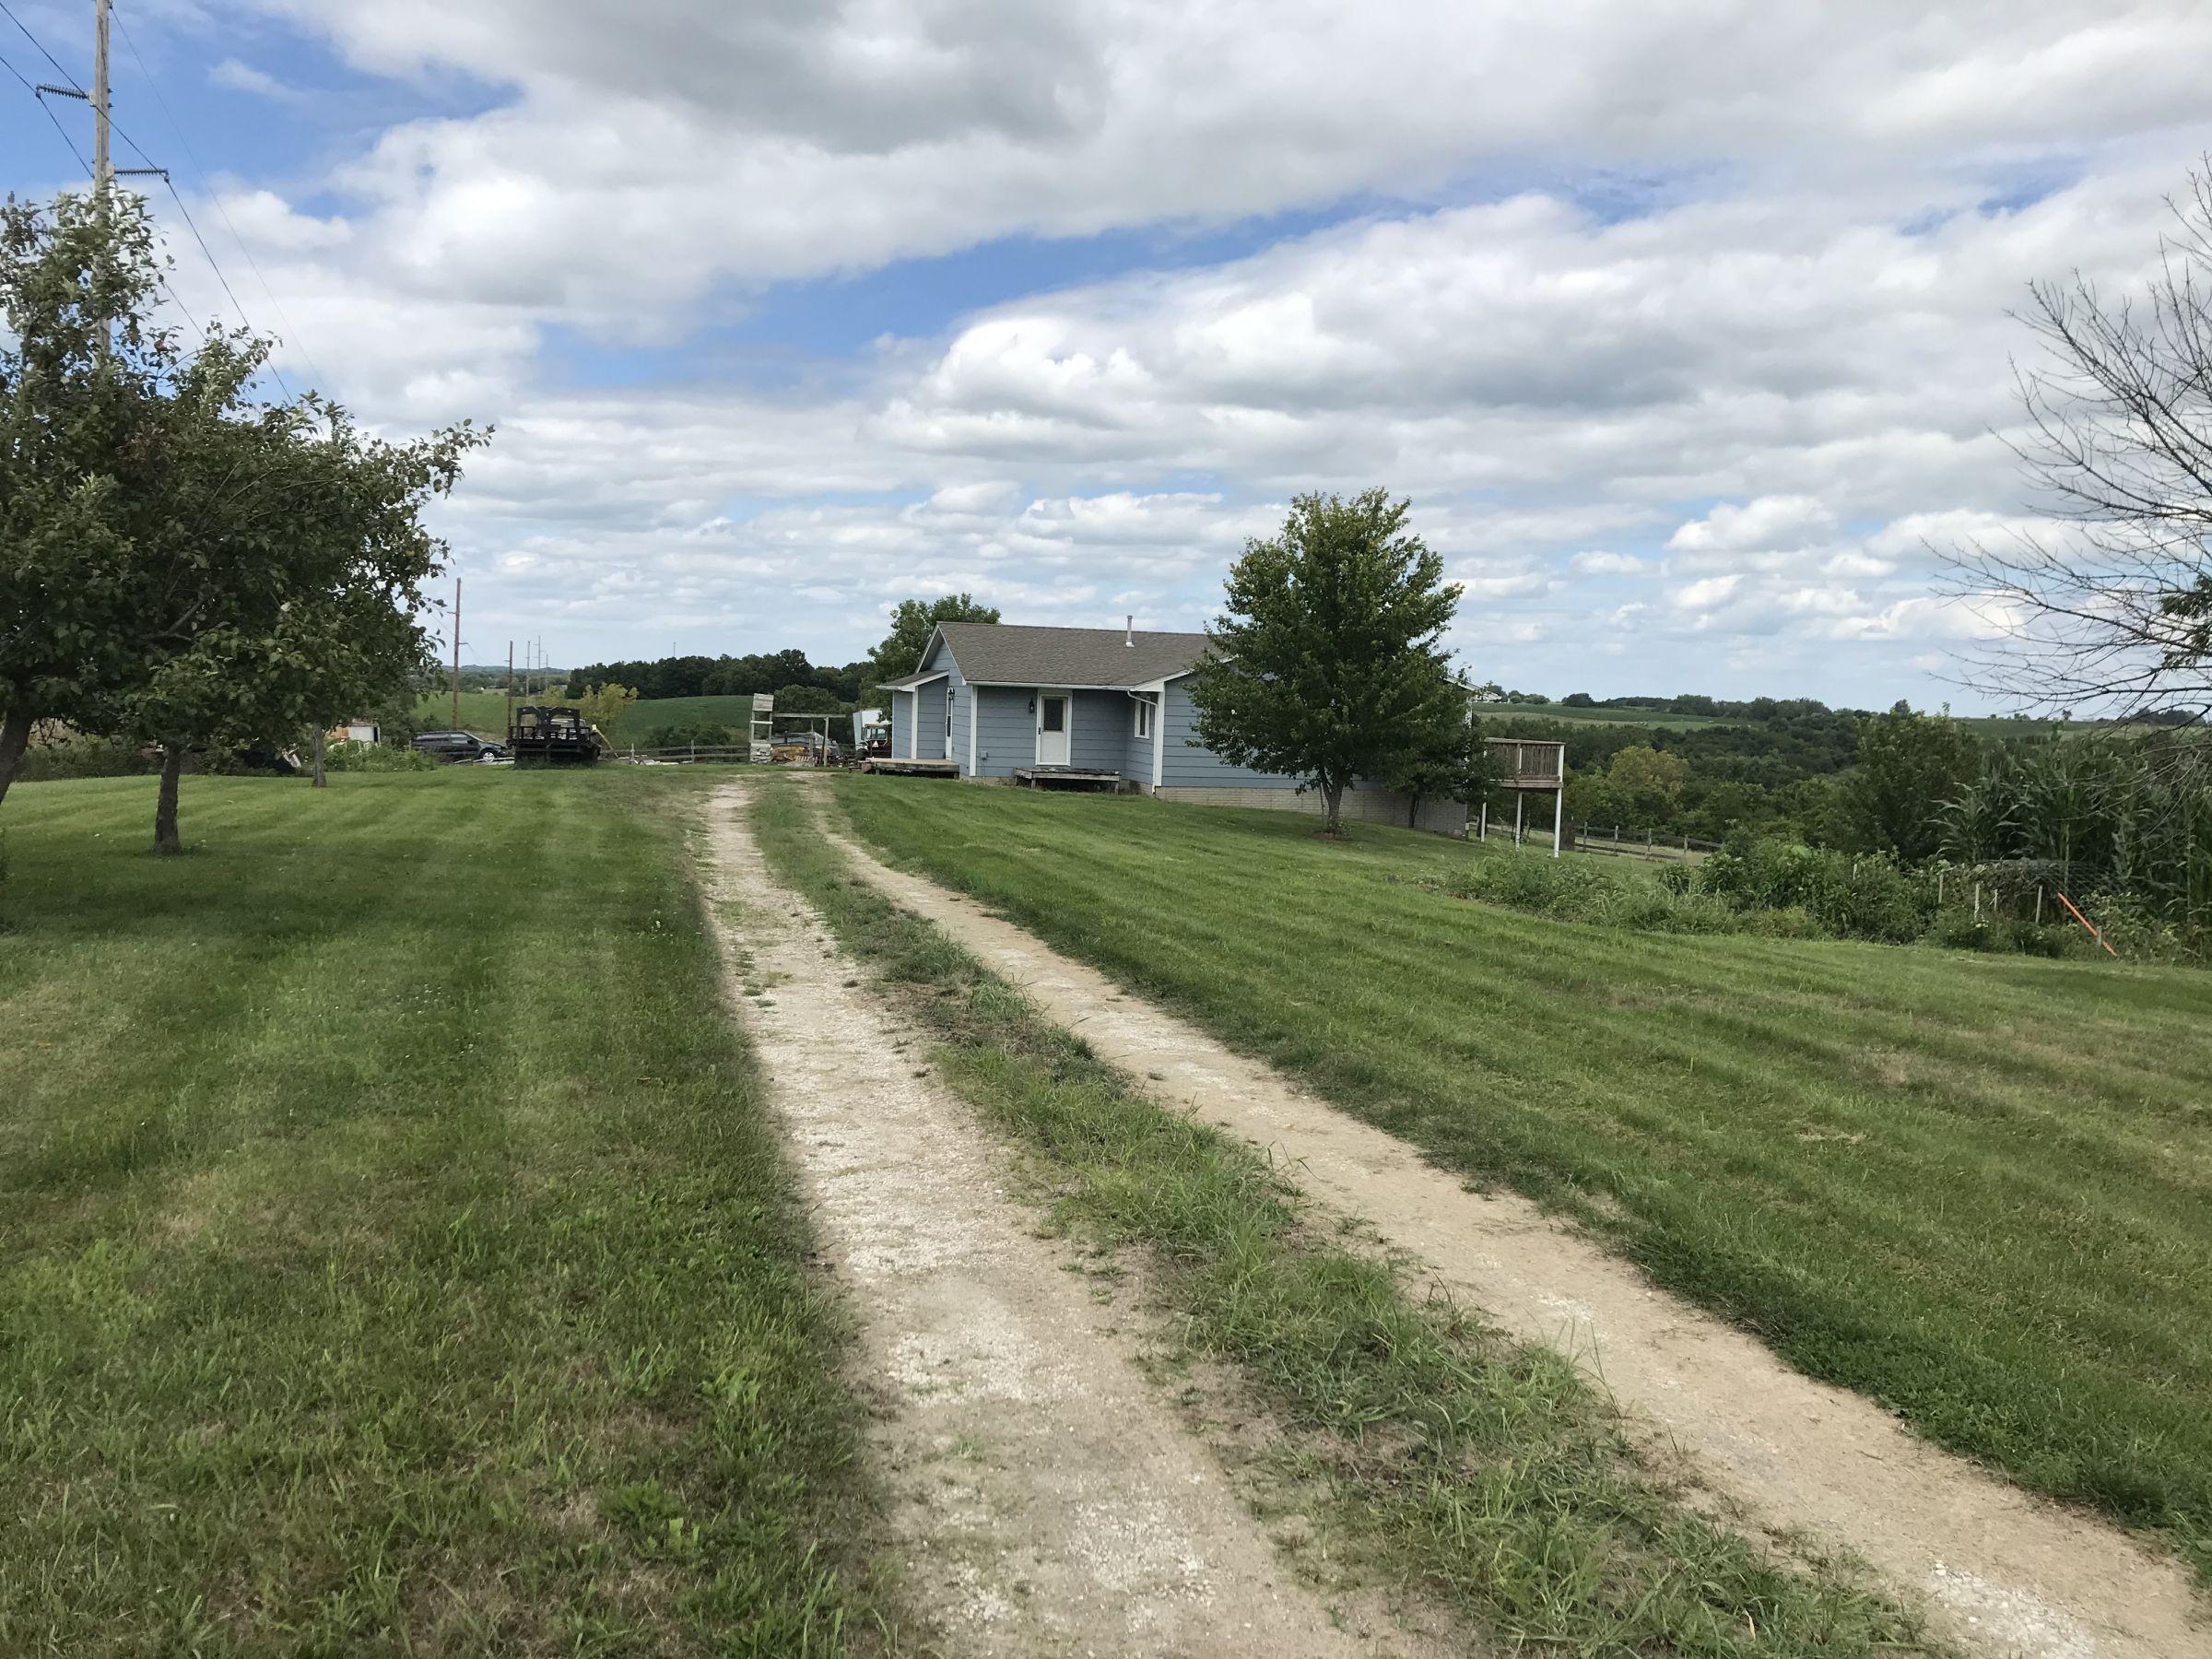 warren-county-iowa-0-acres-listing-number-15104-16-2020-08-05-205005.JPG